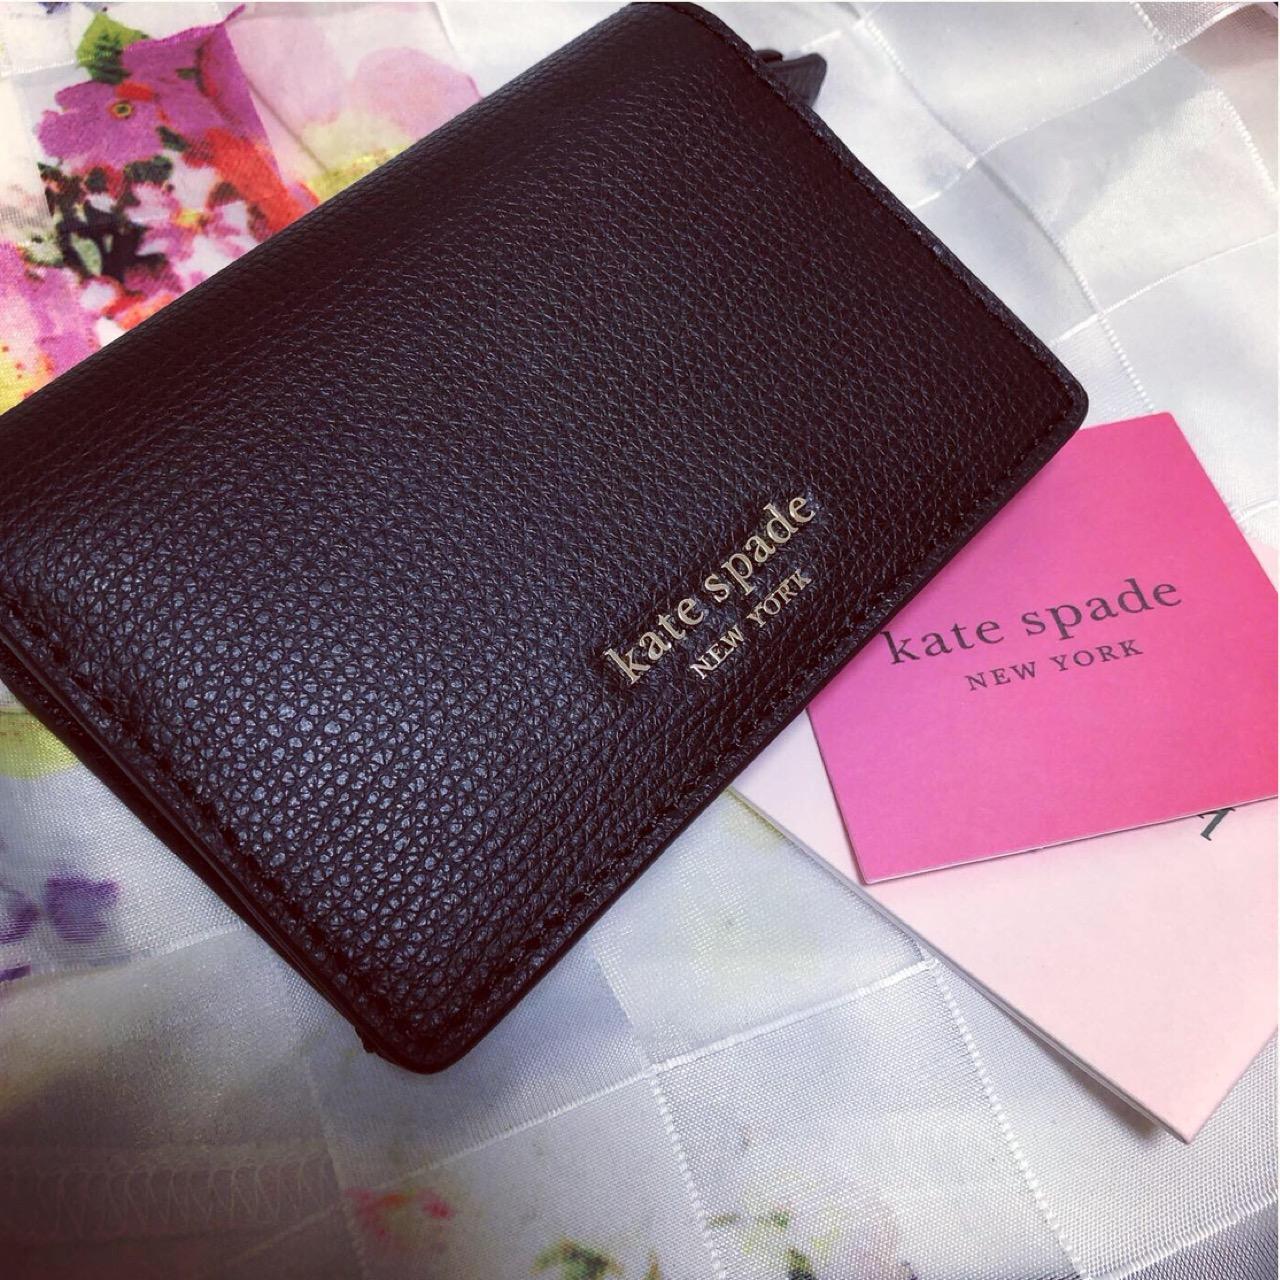 <ミニ財布>パスケースにも使える!最強のコンパクト財布ならケイトスペードが超オススメ!♡_1